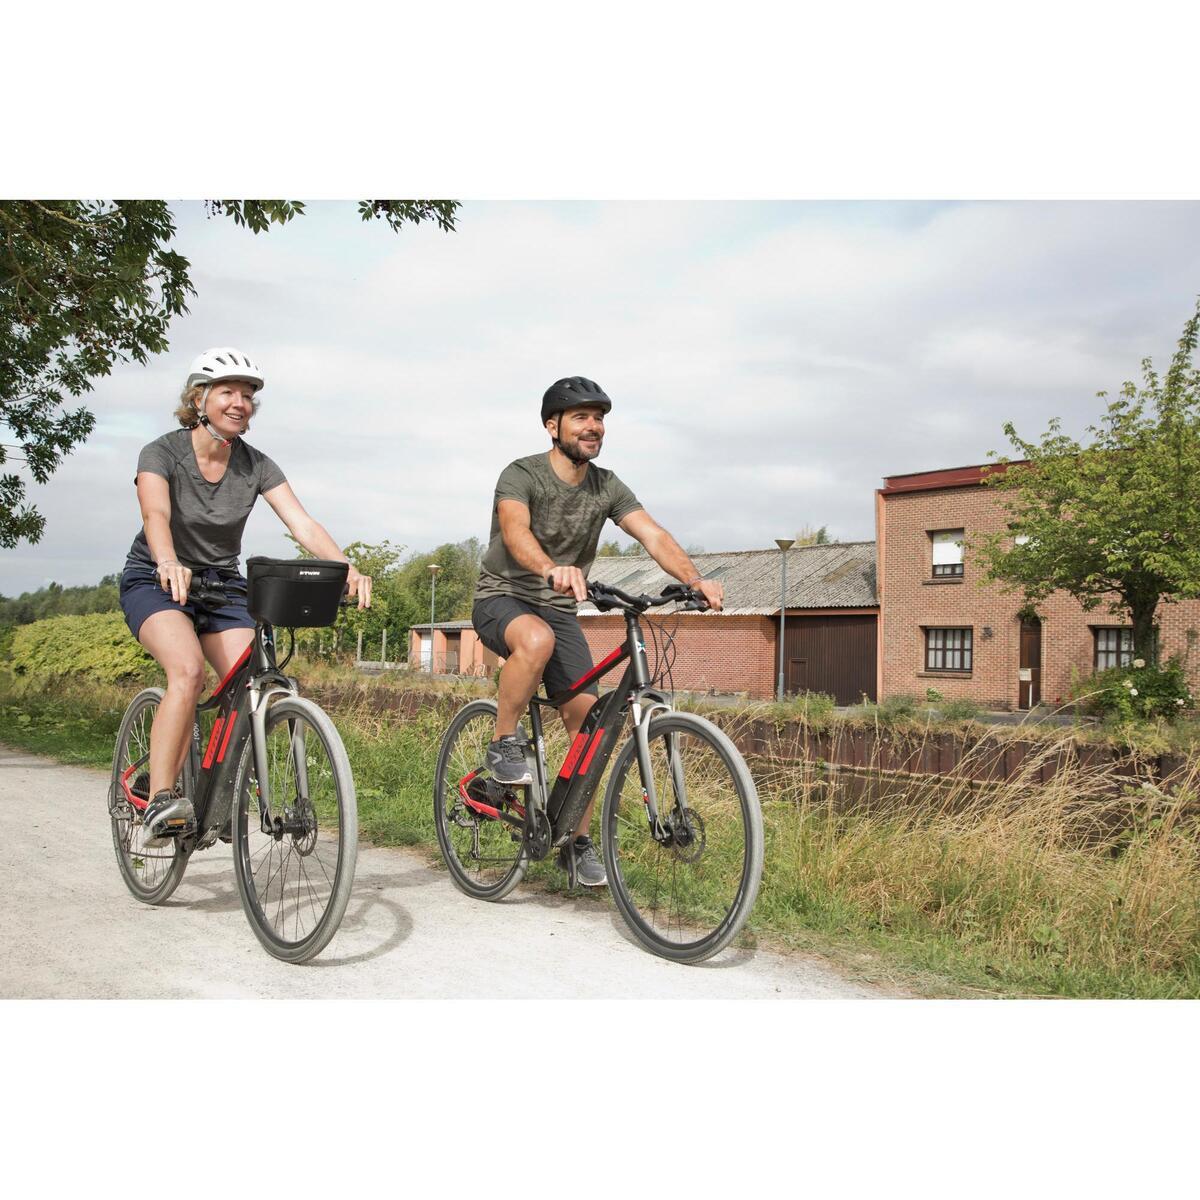 Bild 2 von E-Bike Cross Bike 28 Zoll Riverside 500 E grau/rot